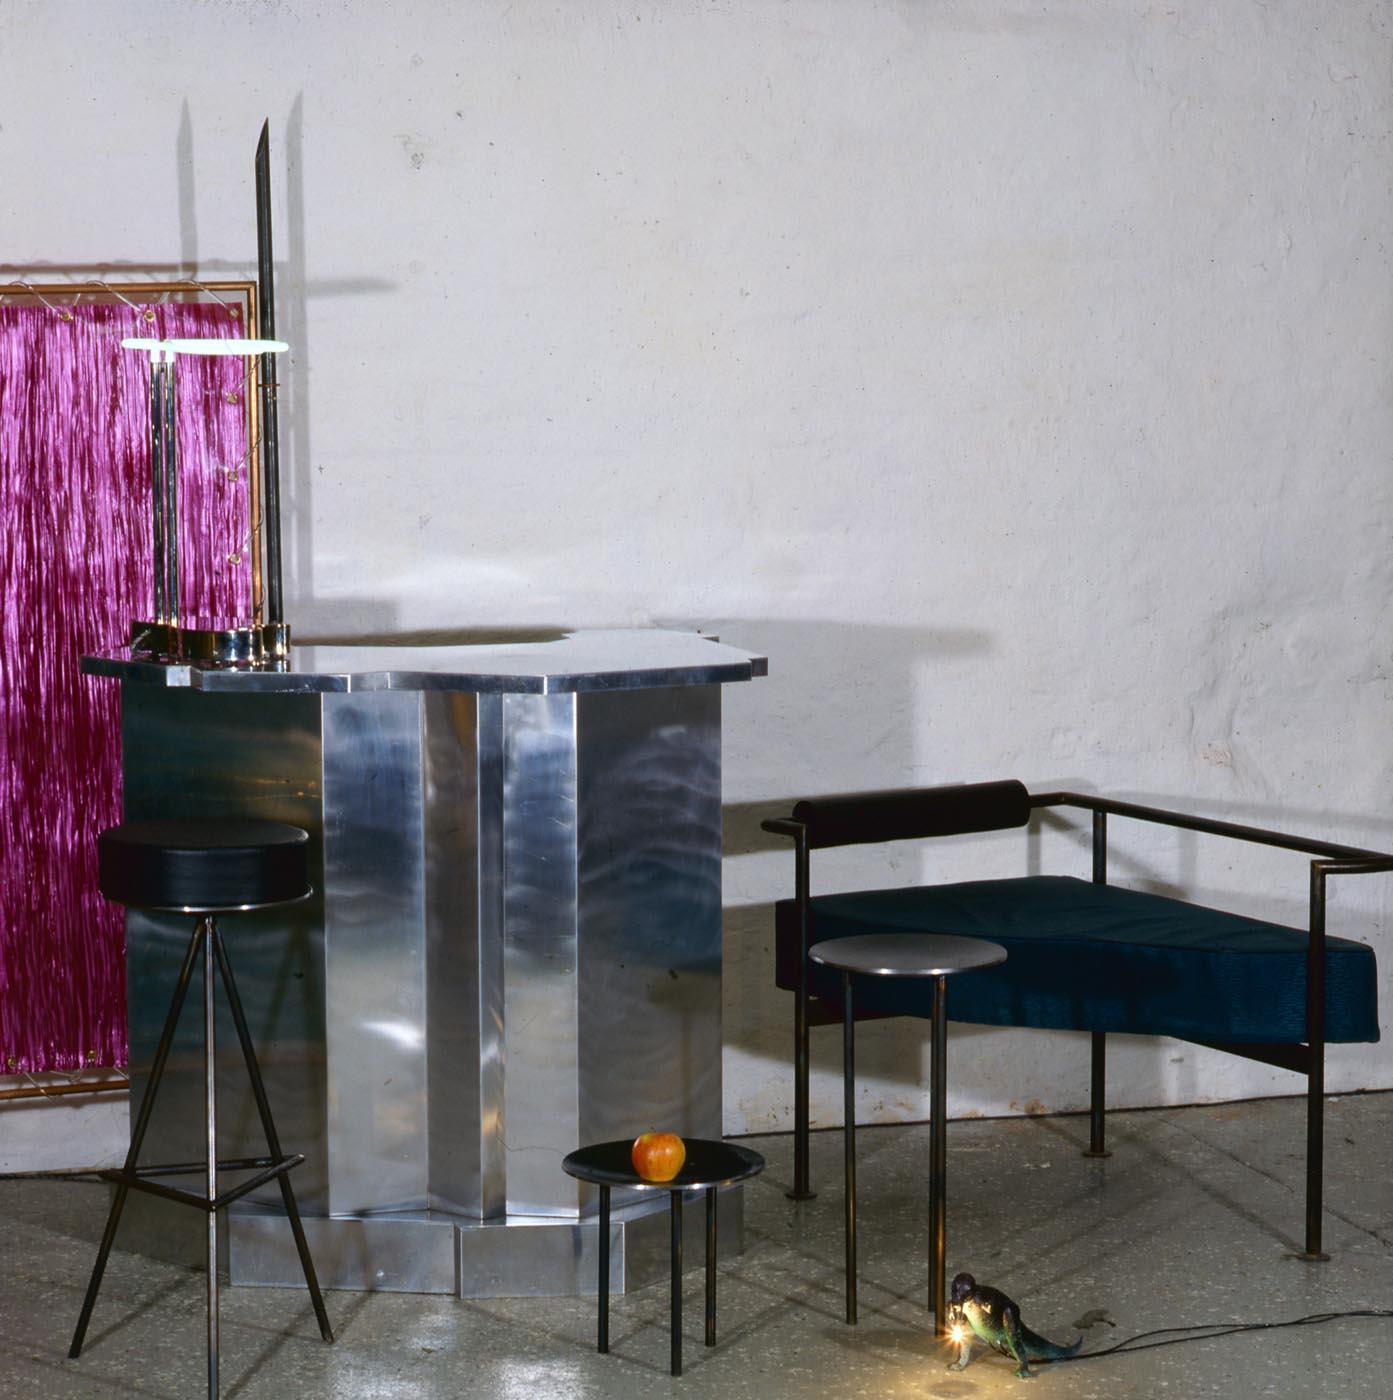 Möbel perdu - Galerie | Claudia Schneider-Esleben